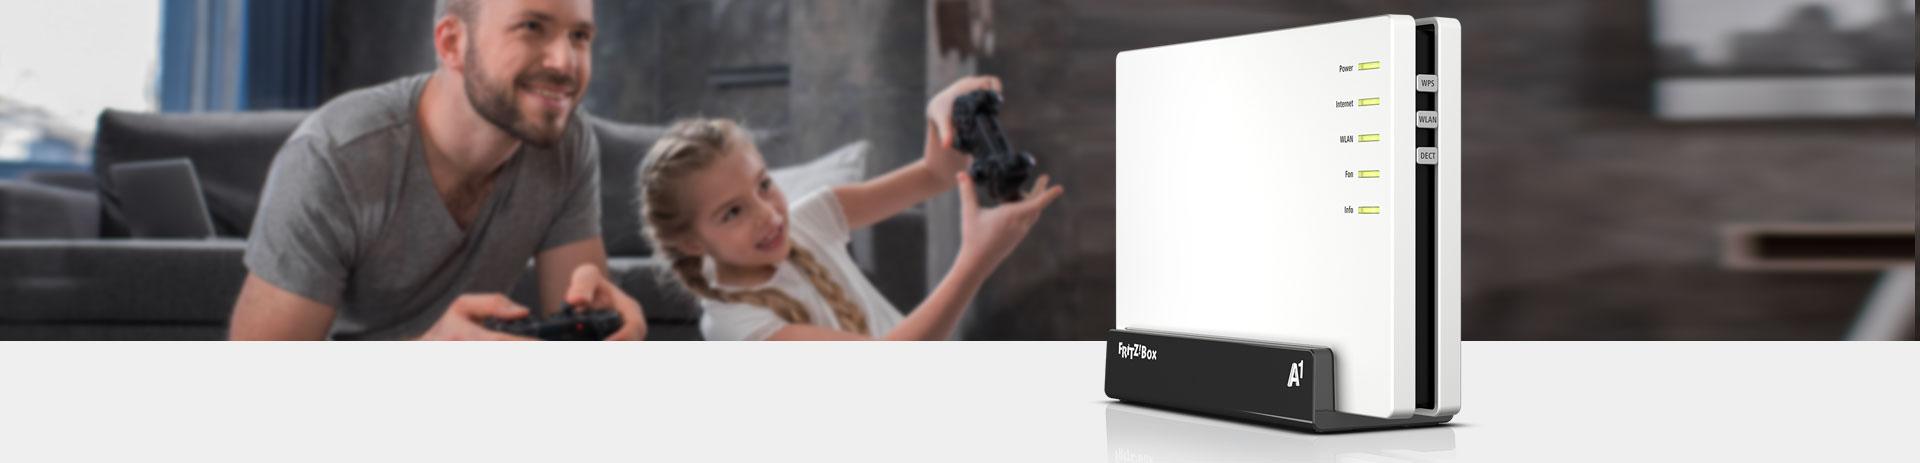 A1 Premium WLAN Box